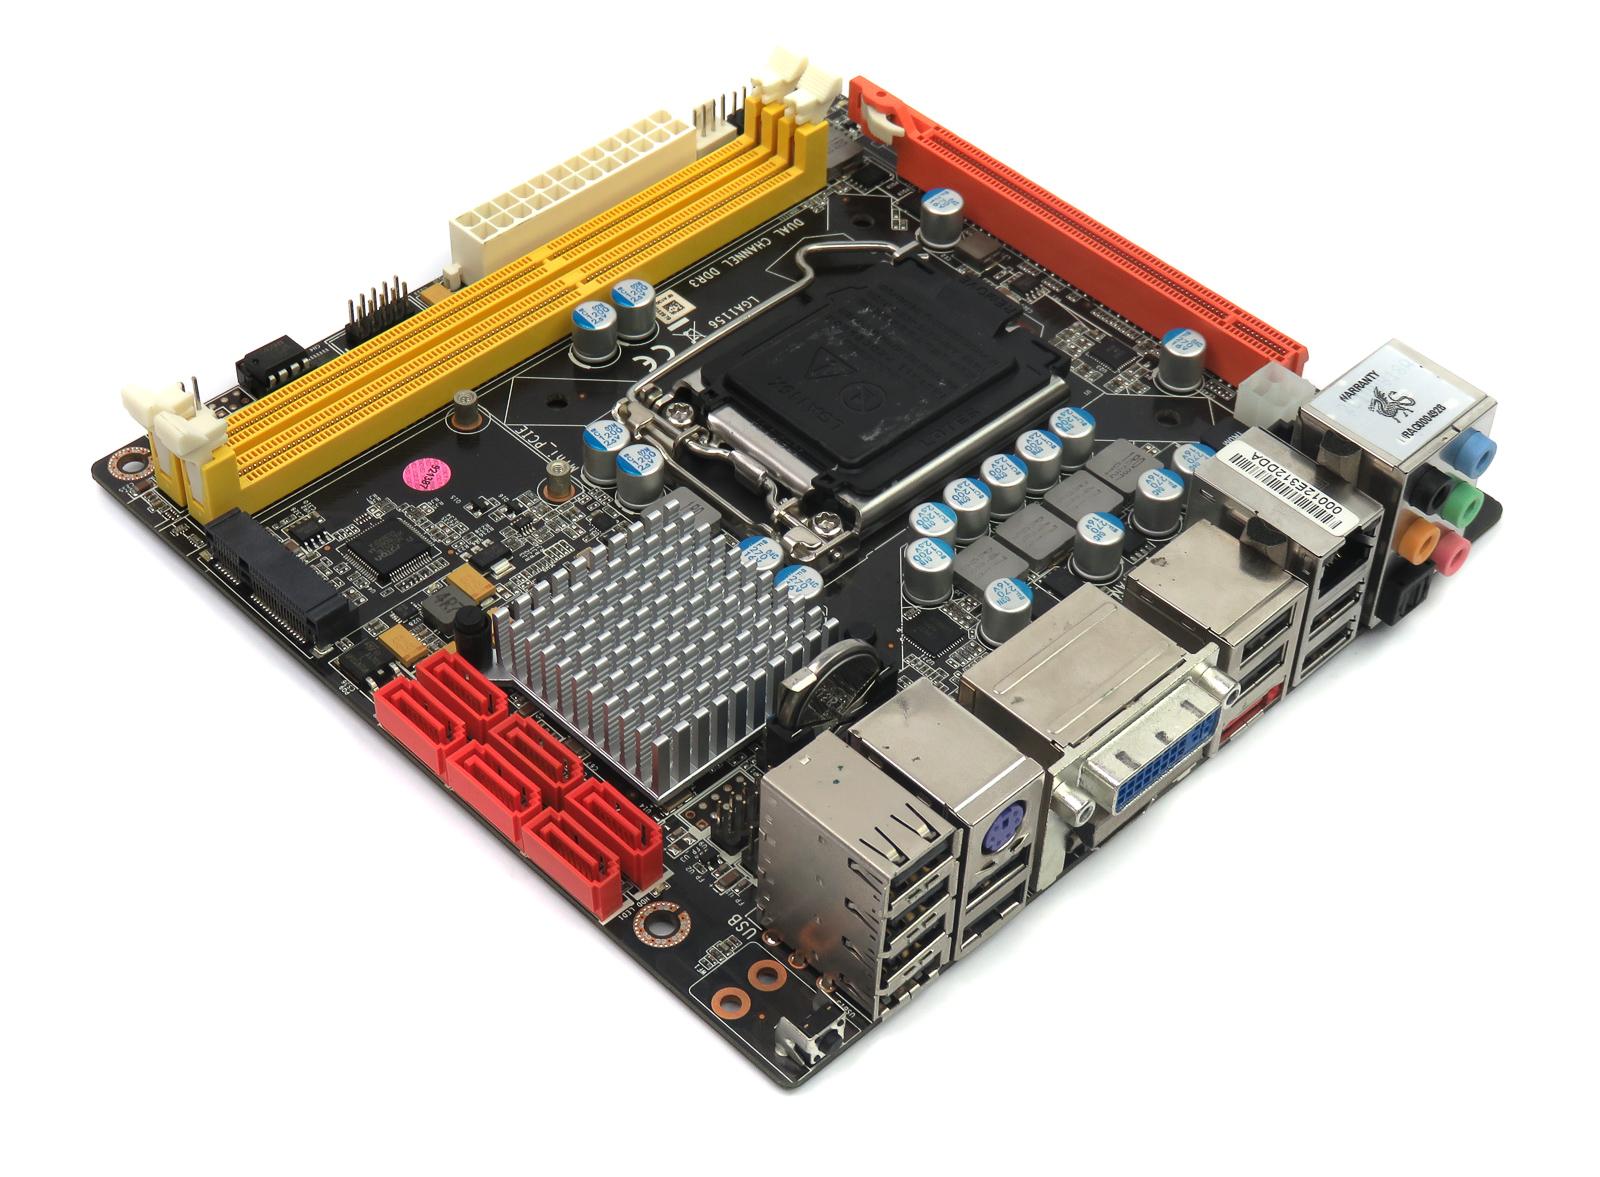 DIXONH55ITX Socket 1156 Motherboard (OEM Version of Zotac H55ITX-C-E) No USB3